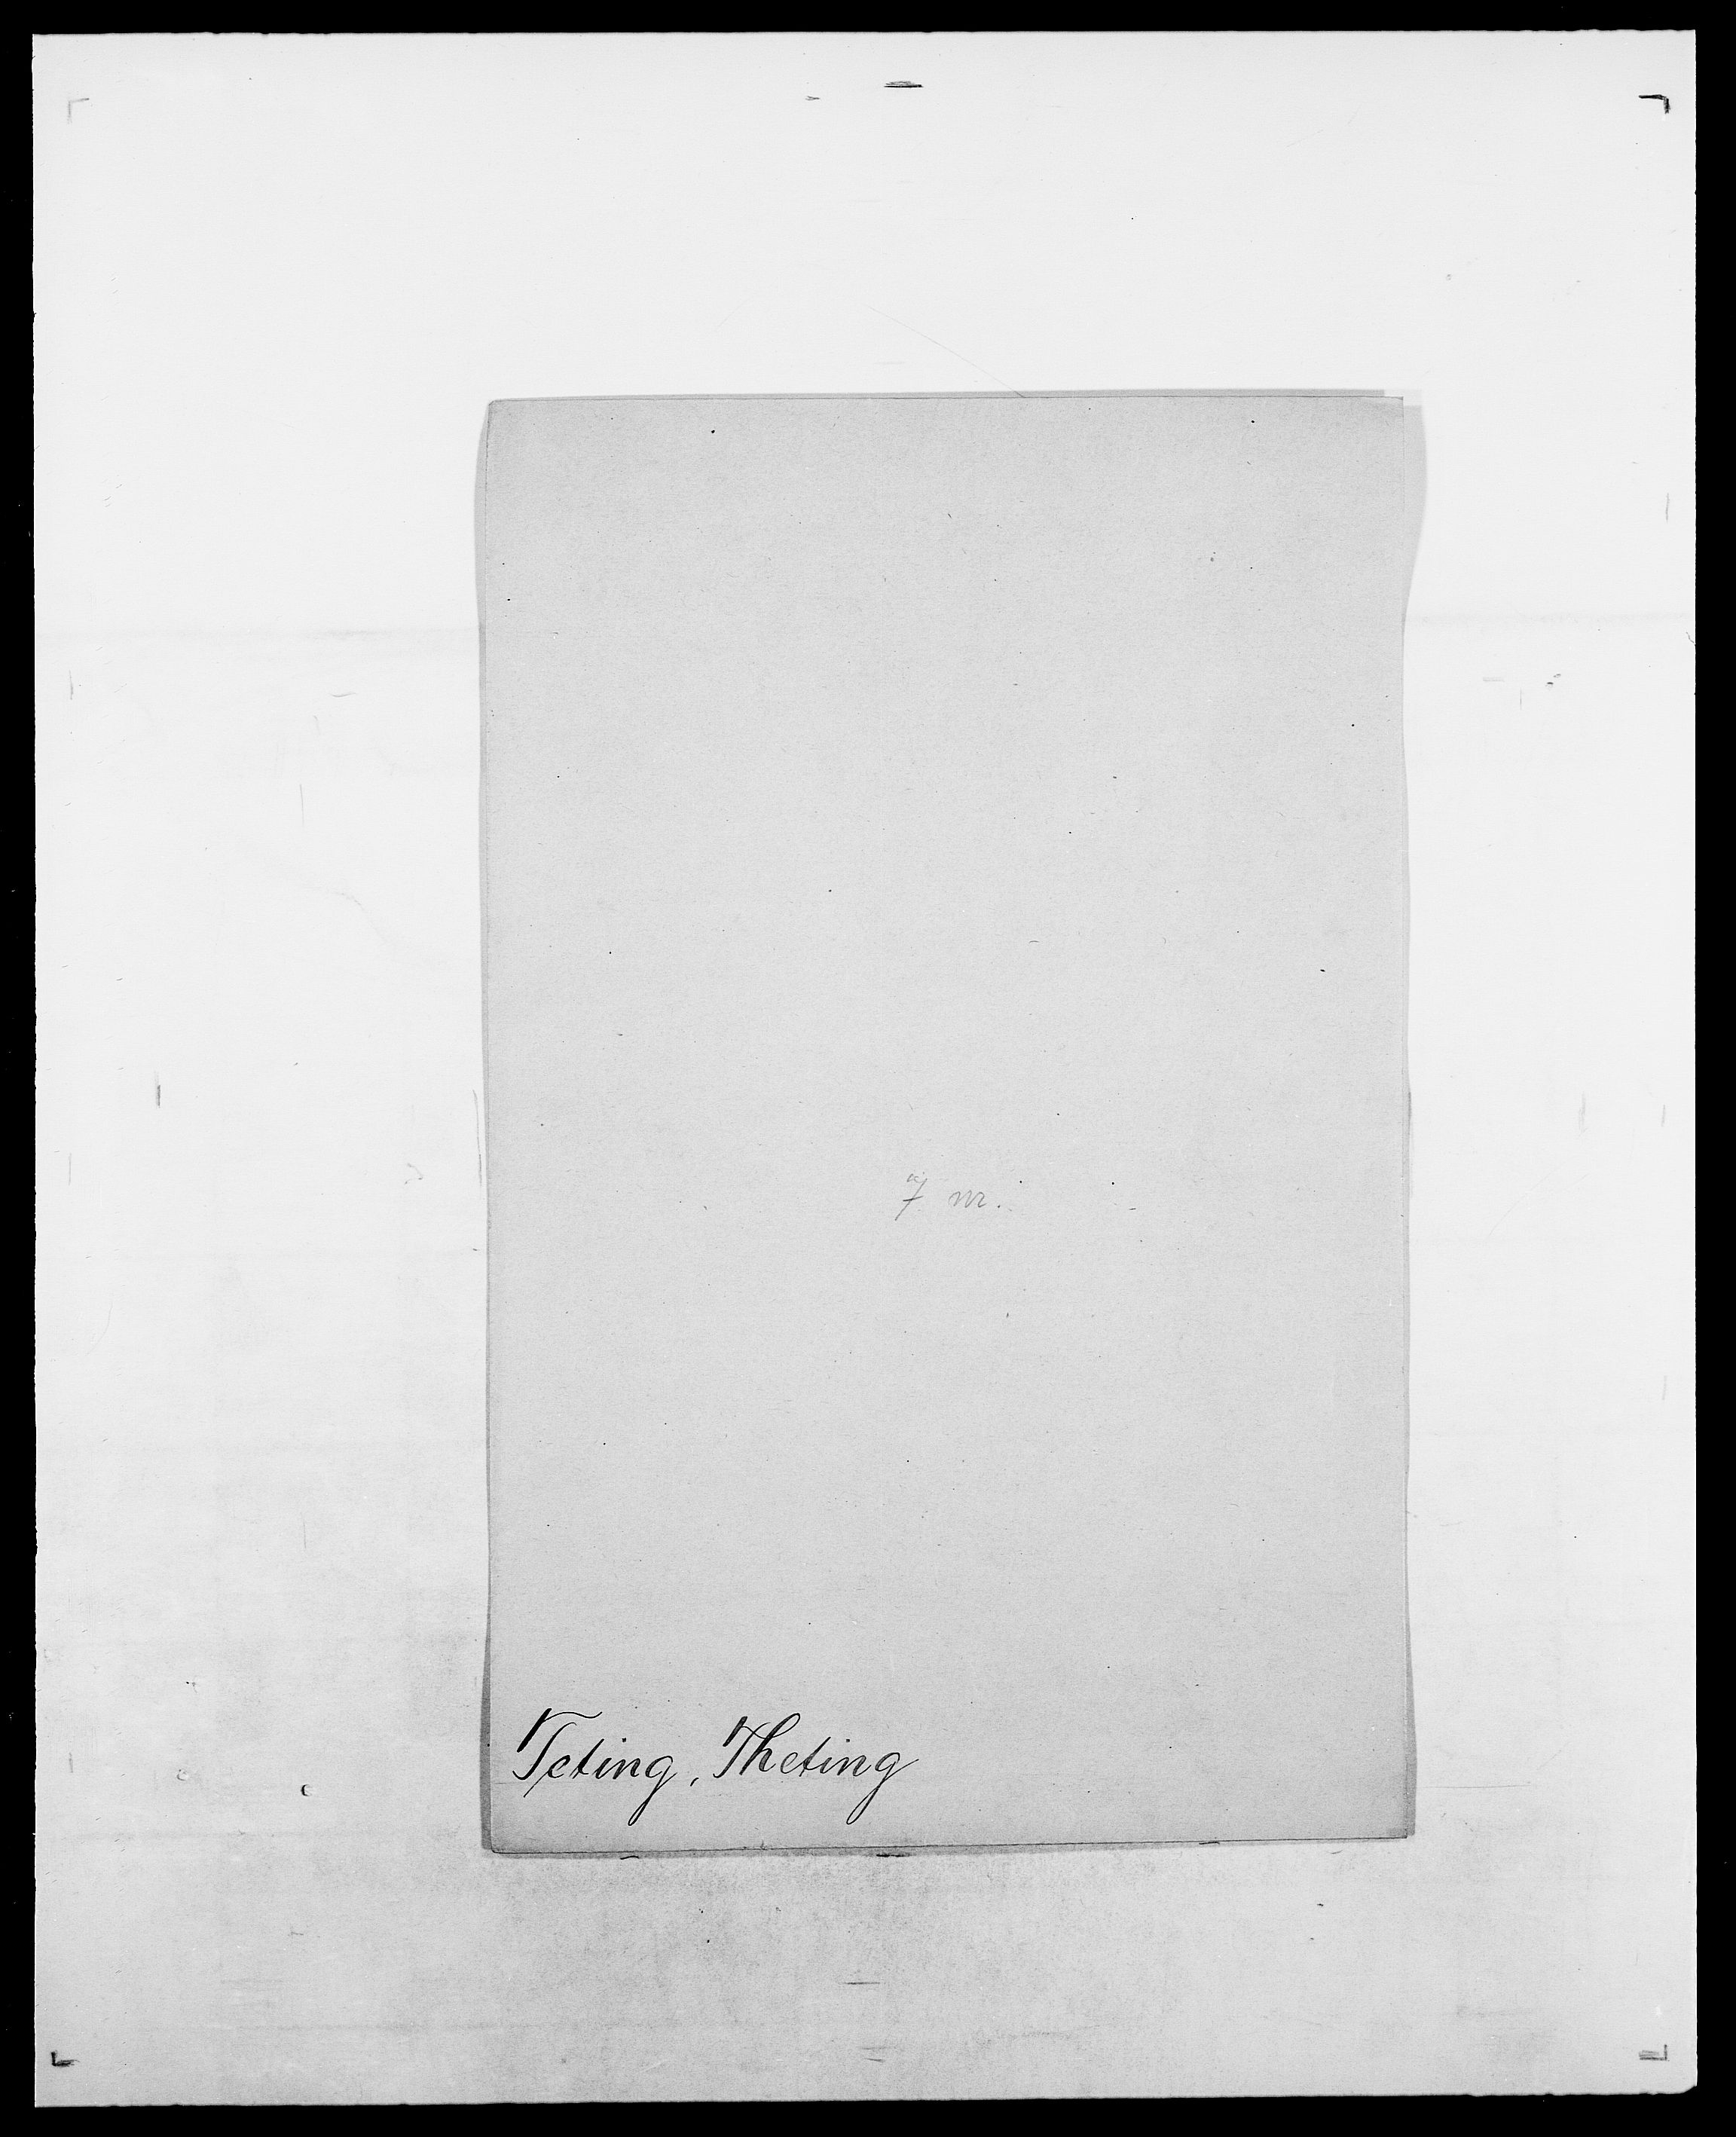 SAO, Delgobe, Charles Antoine - samling, D/Da/L0038: Svanenskjold - Thornsohn, s. 415